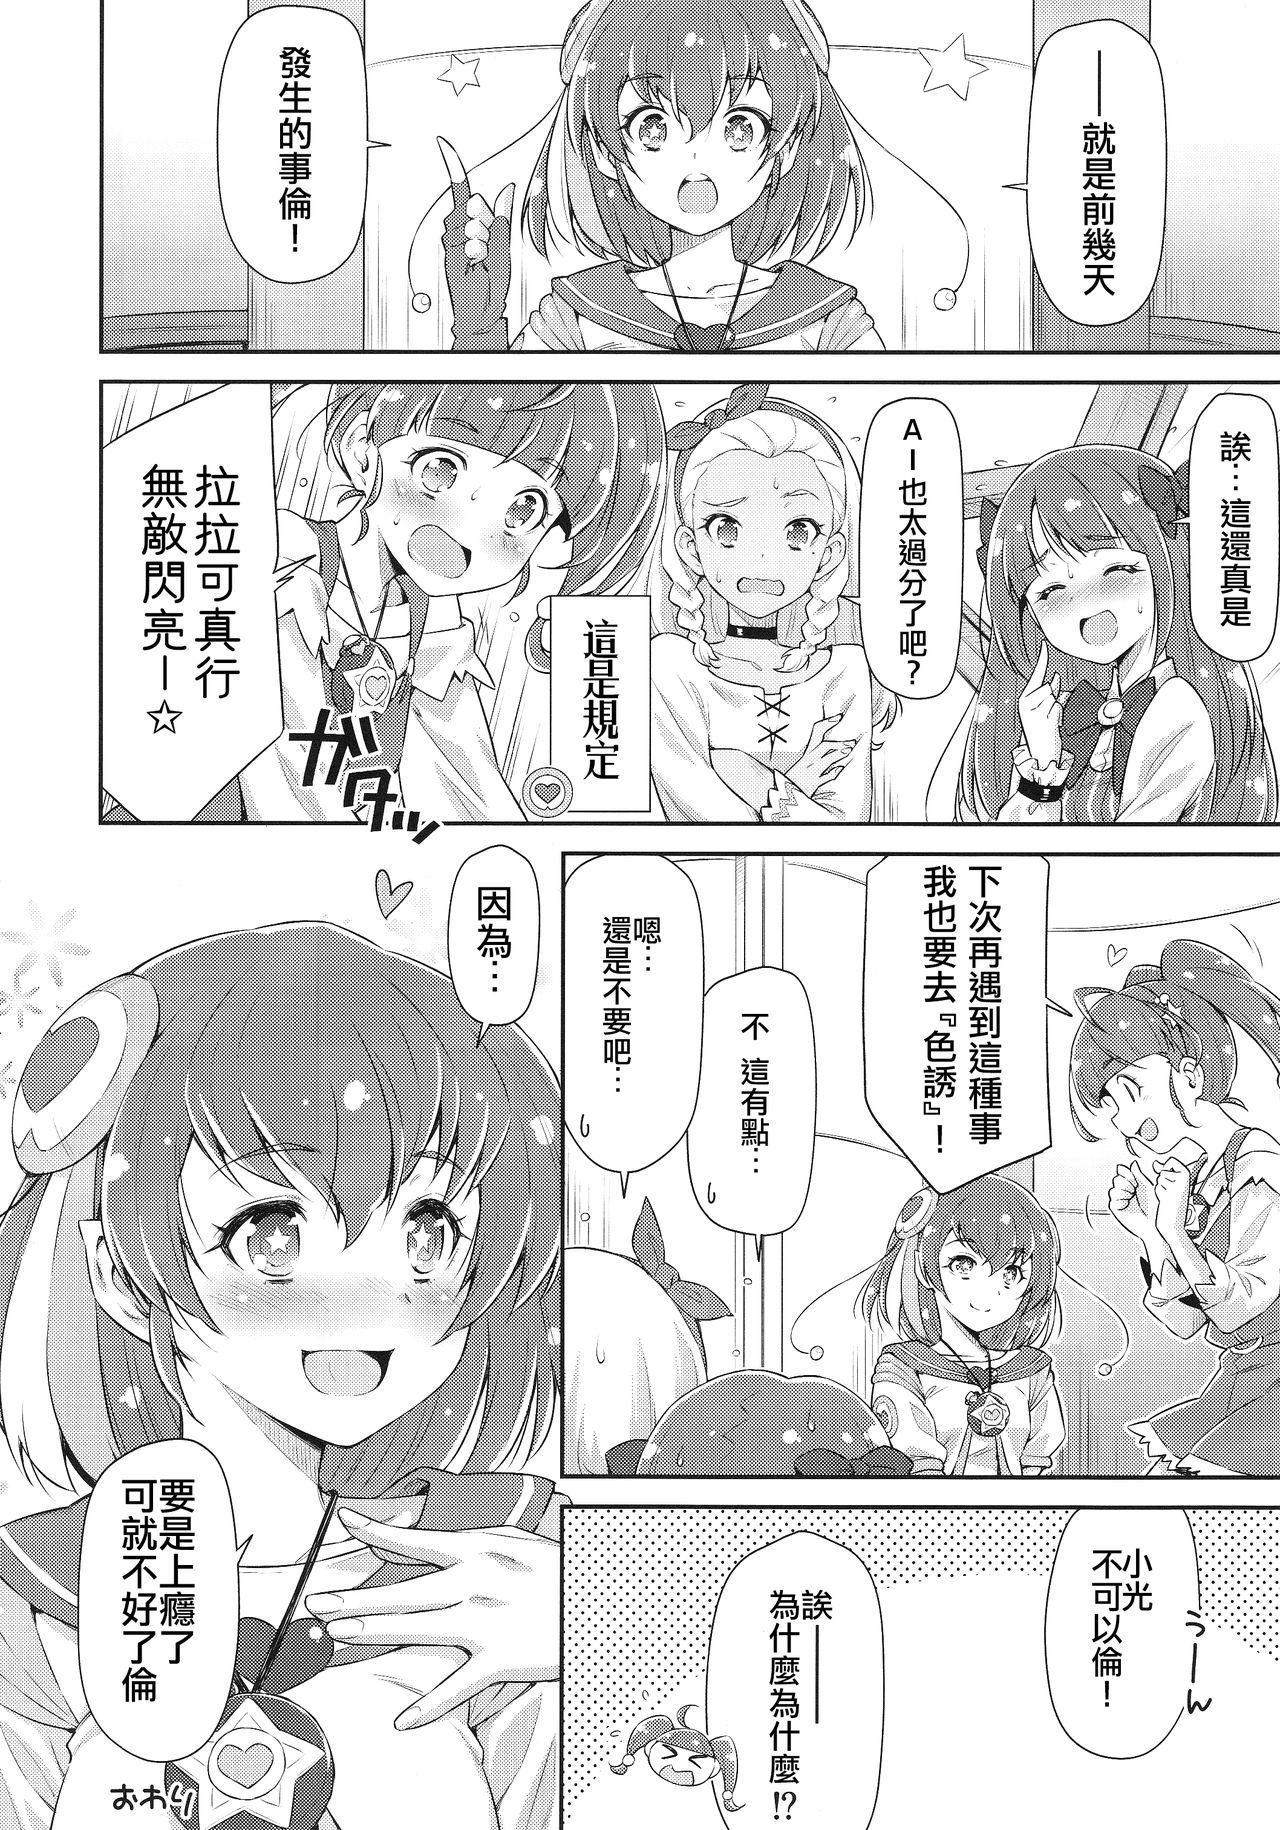 Minogashite Hoshii lun 23